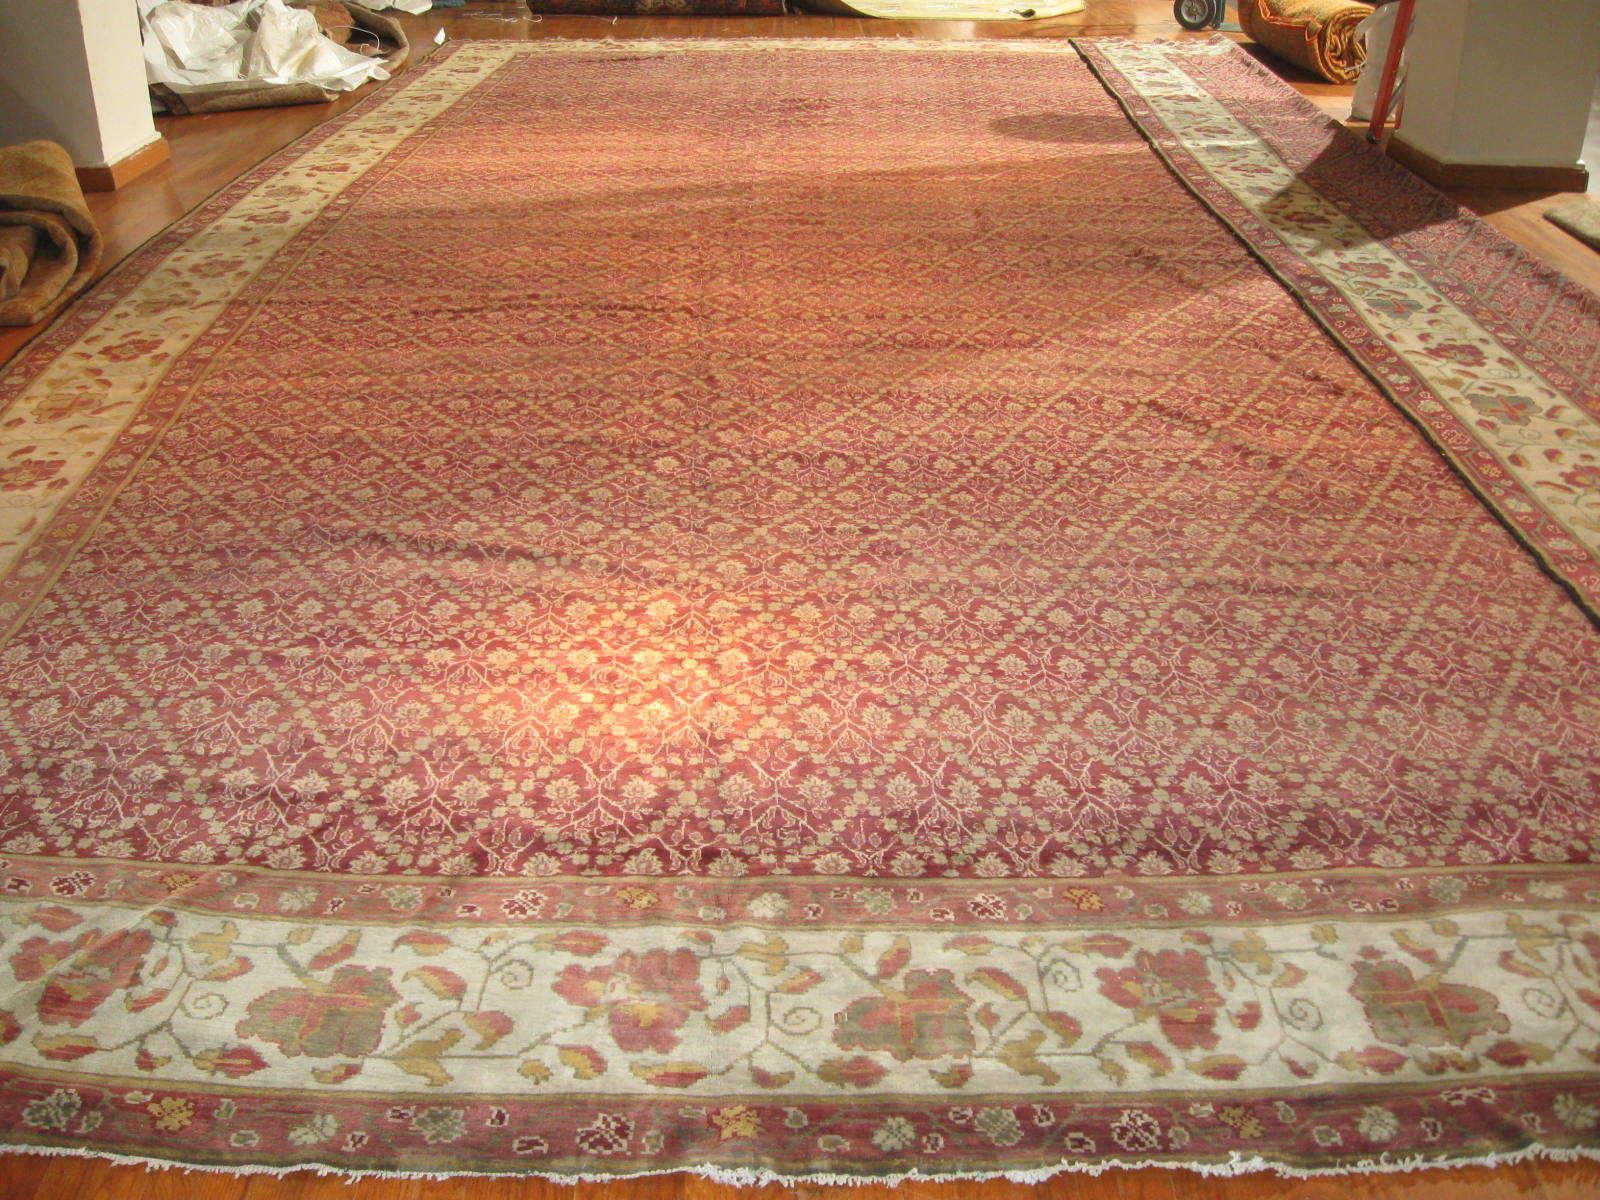 Antique India Agra Carpet | Circa 1900